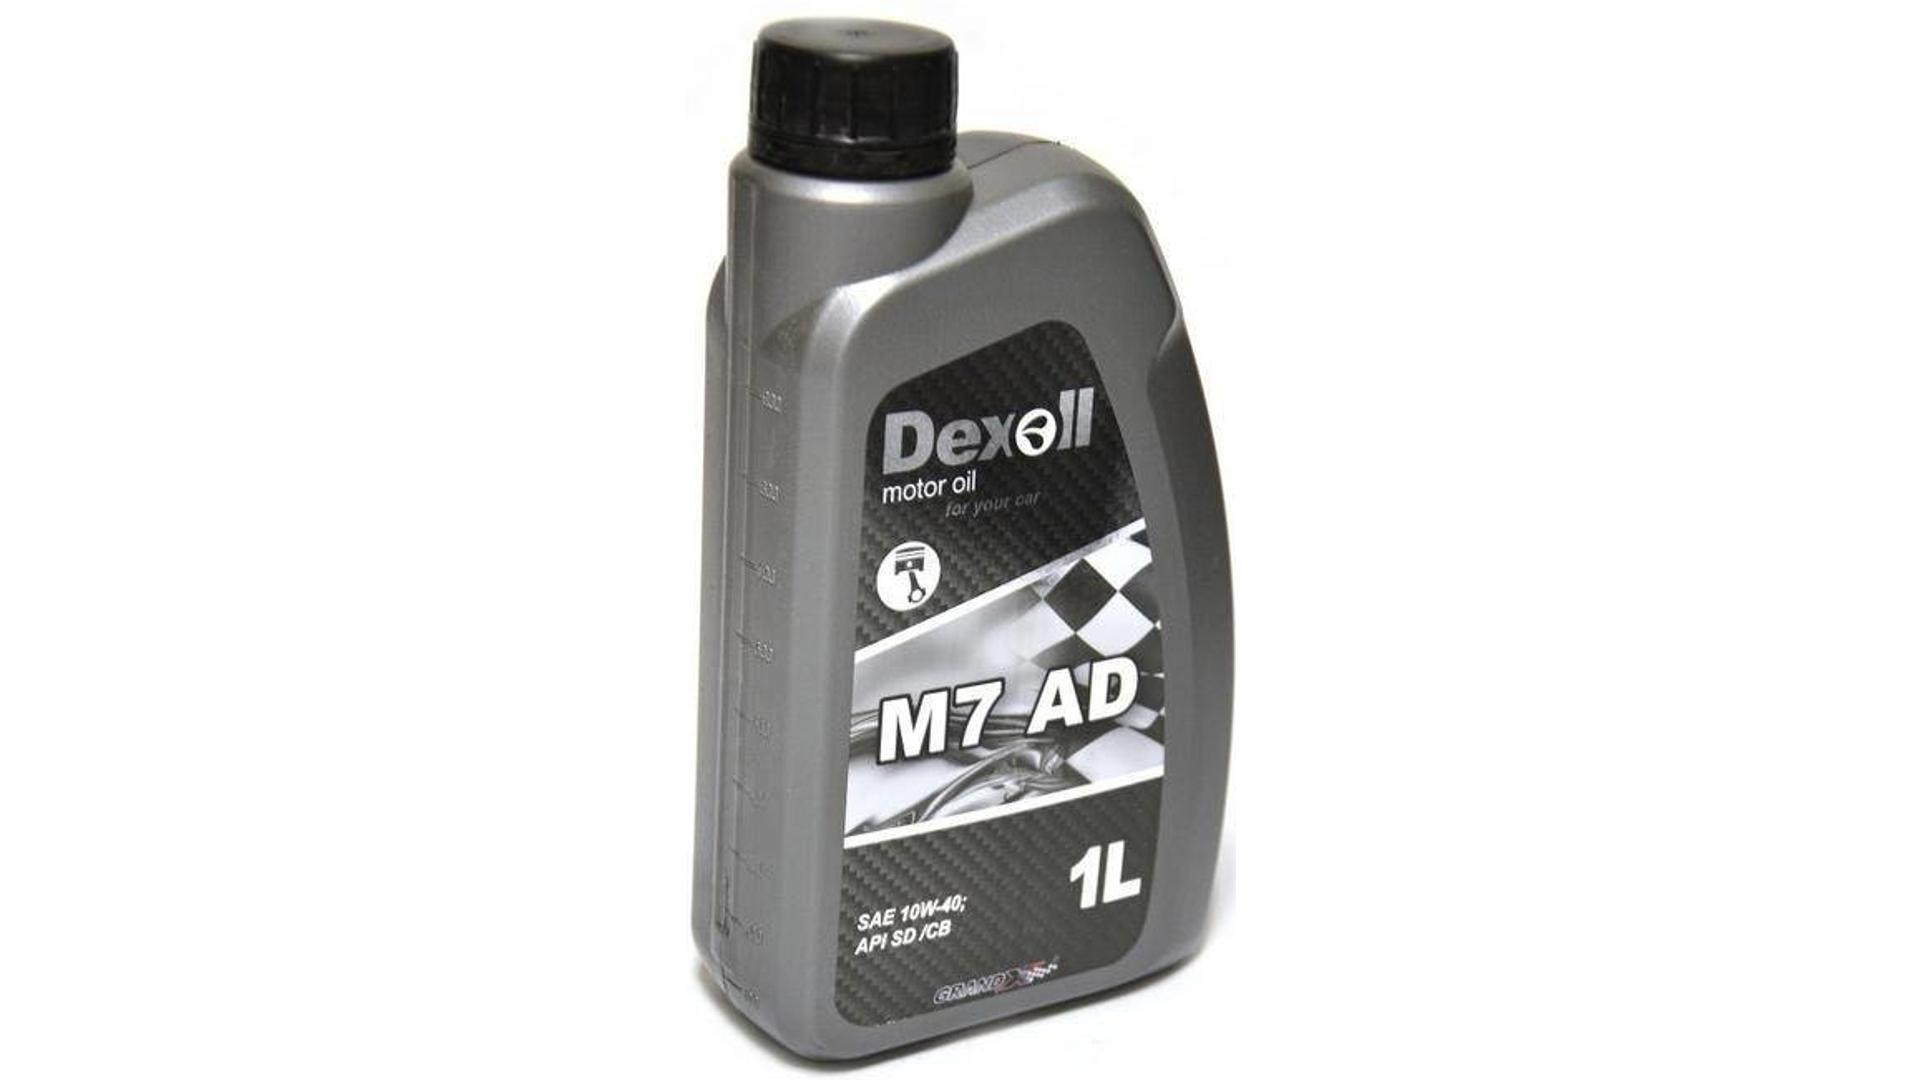 DEXOLL 10W-40 M7 AD 1L